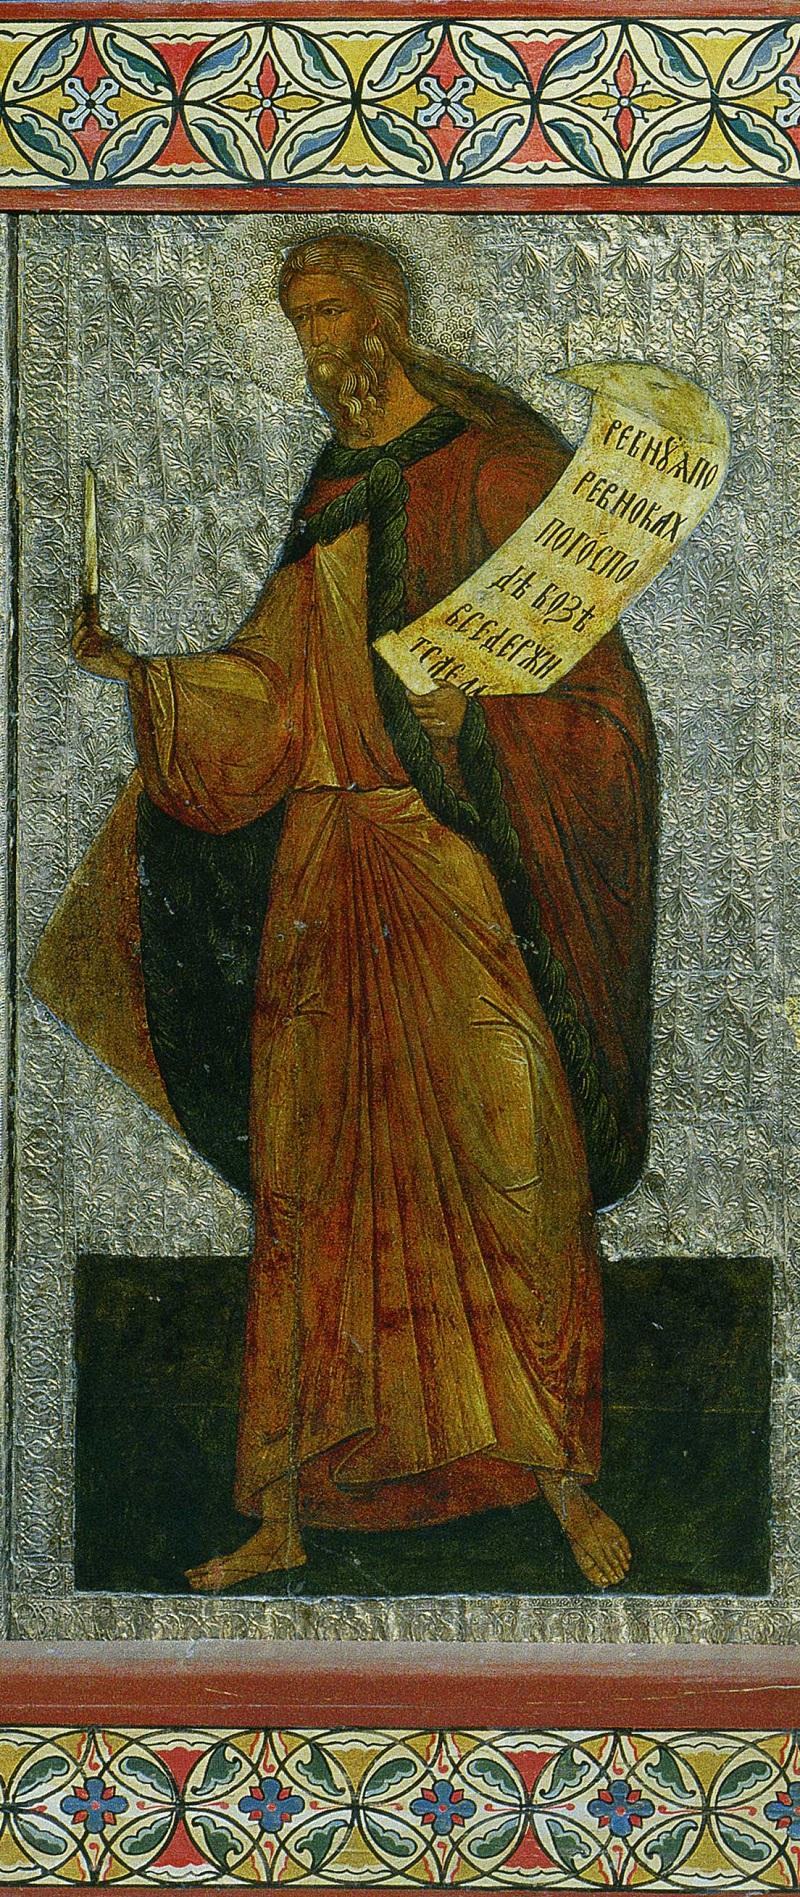 Пророк Илия. Из пророческого чина. Лаврентьев Андрей, Дерма Иван Ярцев. Новгород, 1509 г. Собор Святой Софии, Новгород